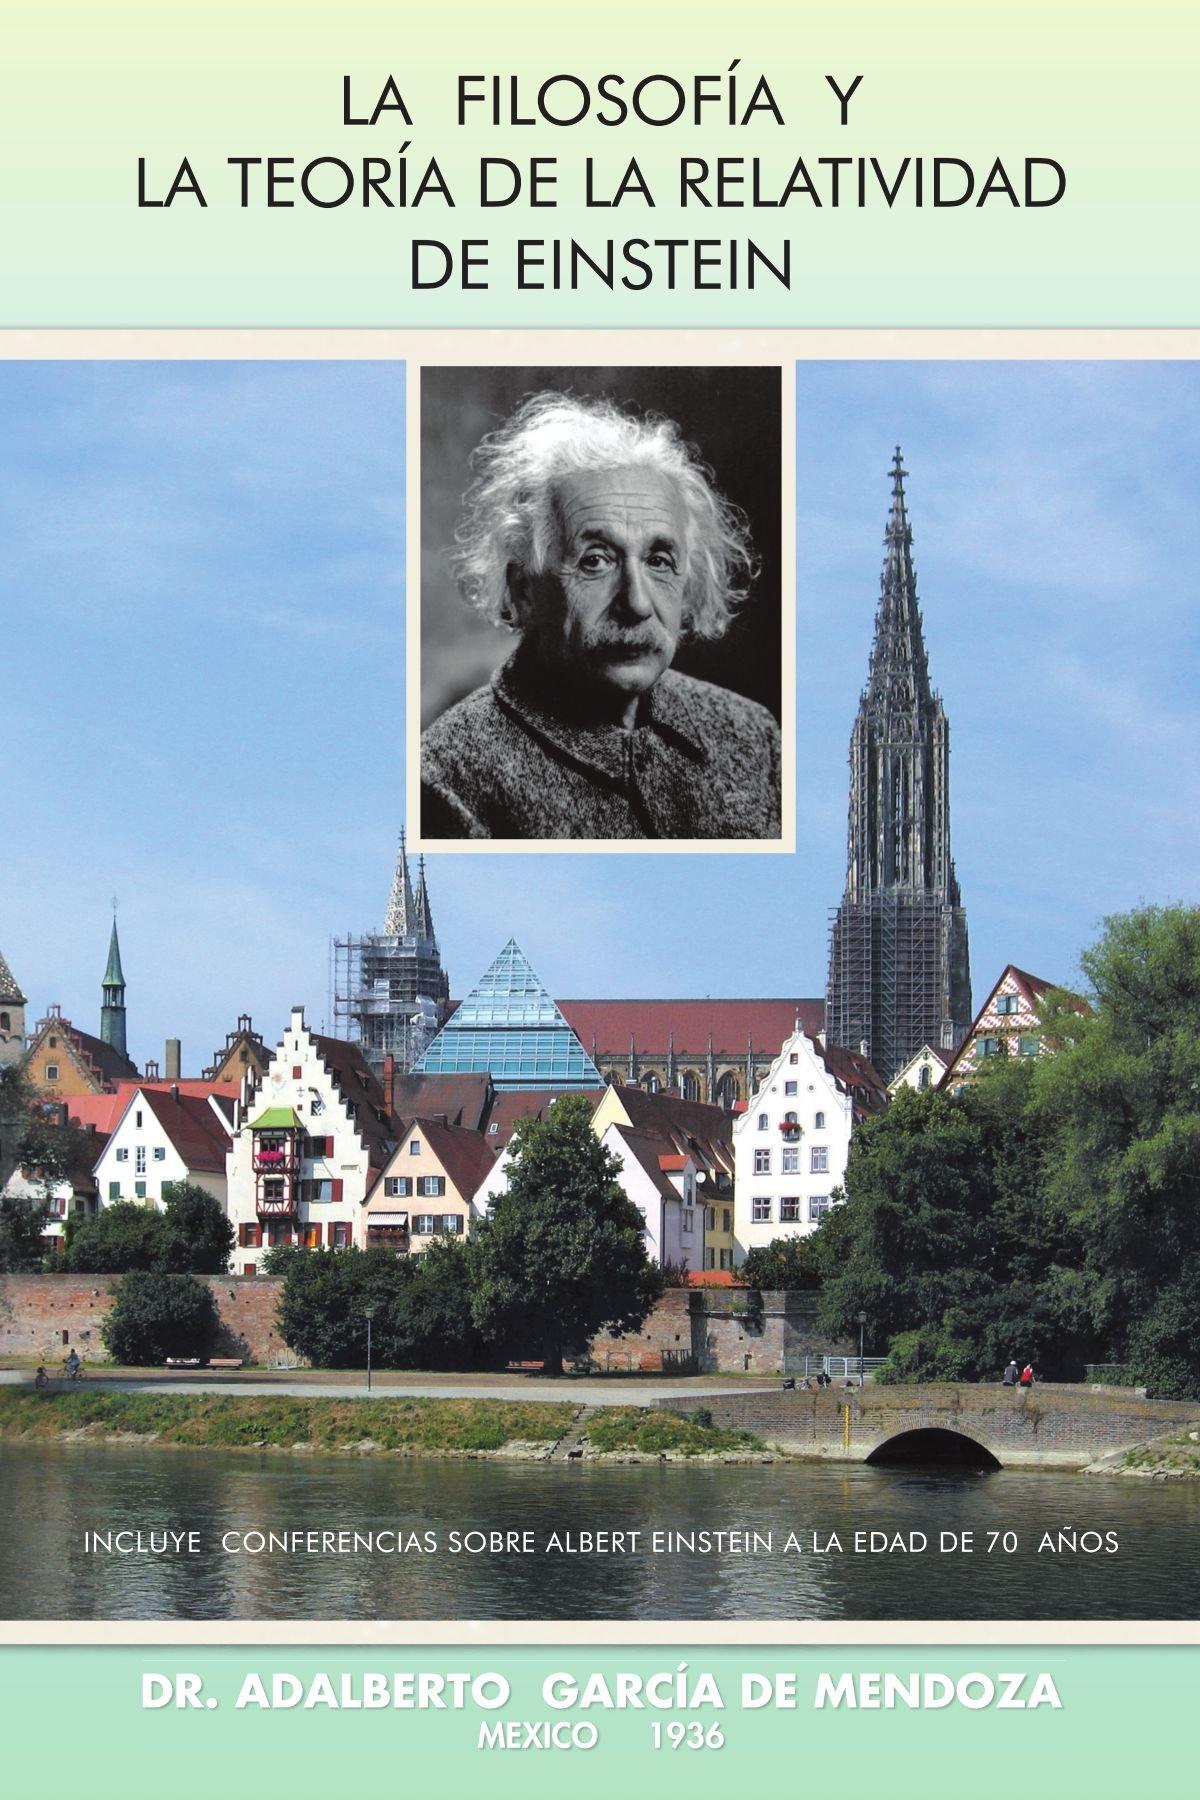 La Filosofía y La Teoría de La Relatividad de Einstein (Spanish Edition): Dr. Adalberto García De mendoza: 9781463316228: Amazon.com: Books